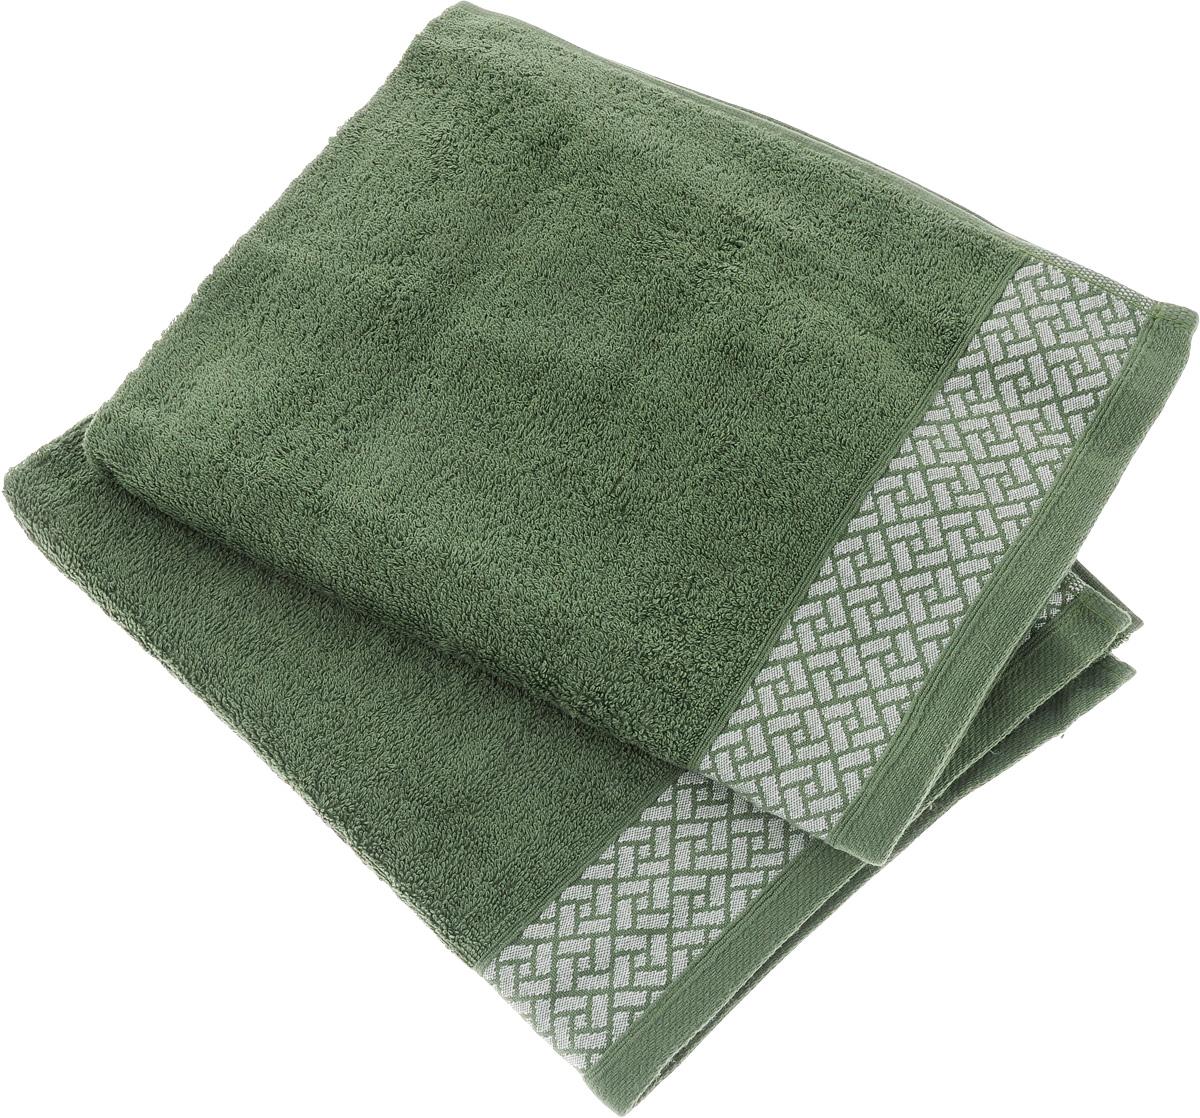 Набор полотенец Tete-a-Tete Лабиринт, цвет: зеленый, 2 шт. УНП-10568/5/3Набор Tete-a-Tete Лабиринт состоит из двух махровых полотенец, выполненных из натурального 100% хлопка. Изделия мягкие, отлично впитывают влагу, быстро сохнут, сохраняют яркость цвета и не теряют форму даже после многократных стирок.Данный дизайн был разработан, как мужская линейка, - строгие насыщенные цвета и геометрический рисунок на бордюре.Набор полотенец Tete-a-Tete Лабиринт станет прекрасным дополнением в дизайне ванной комнаты.